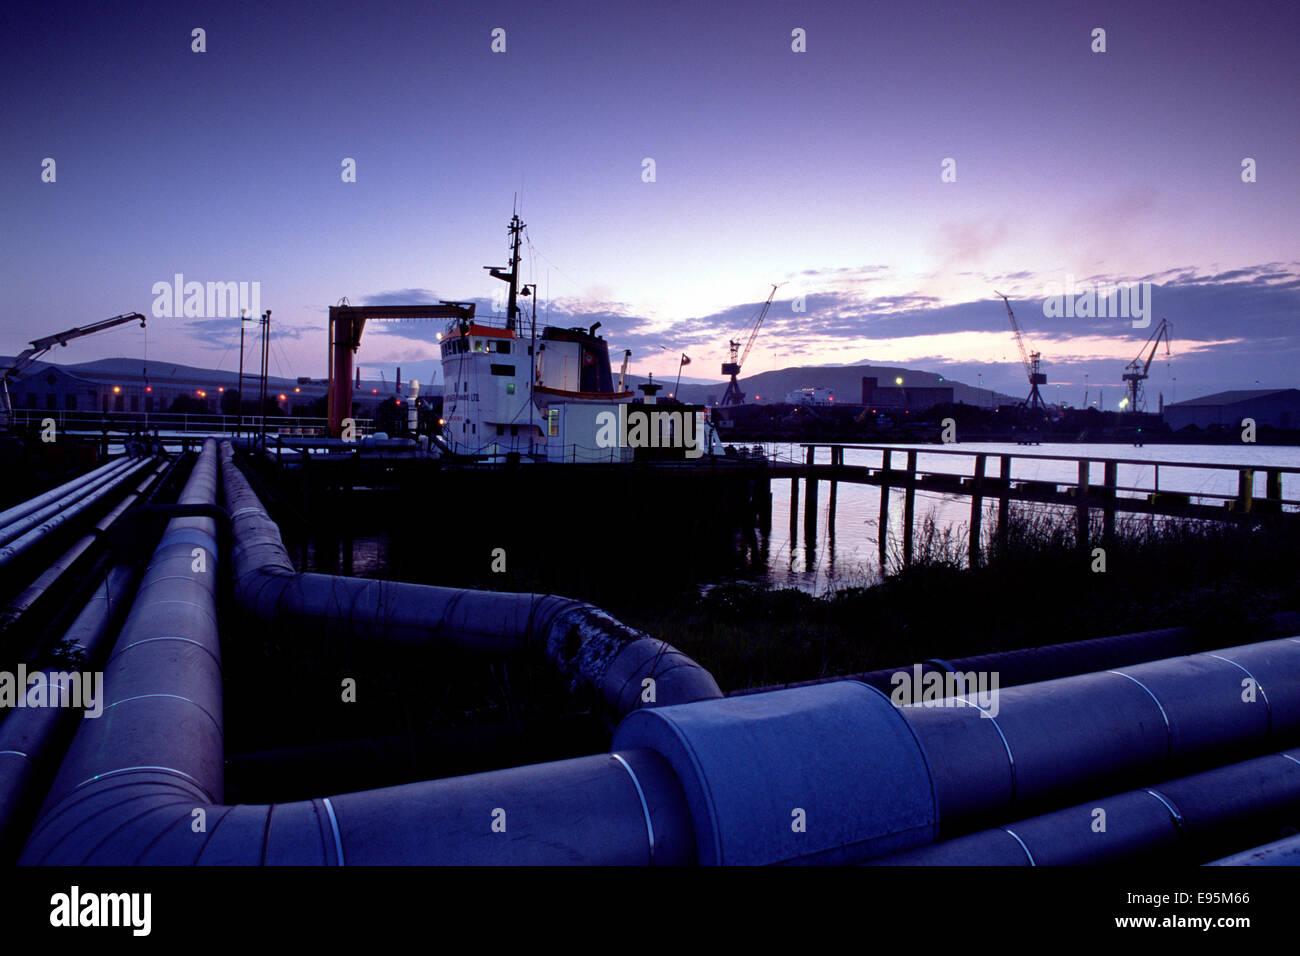 Ship unloading oil at Belfast docks - Stock Image